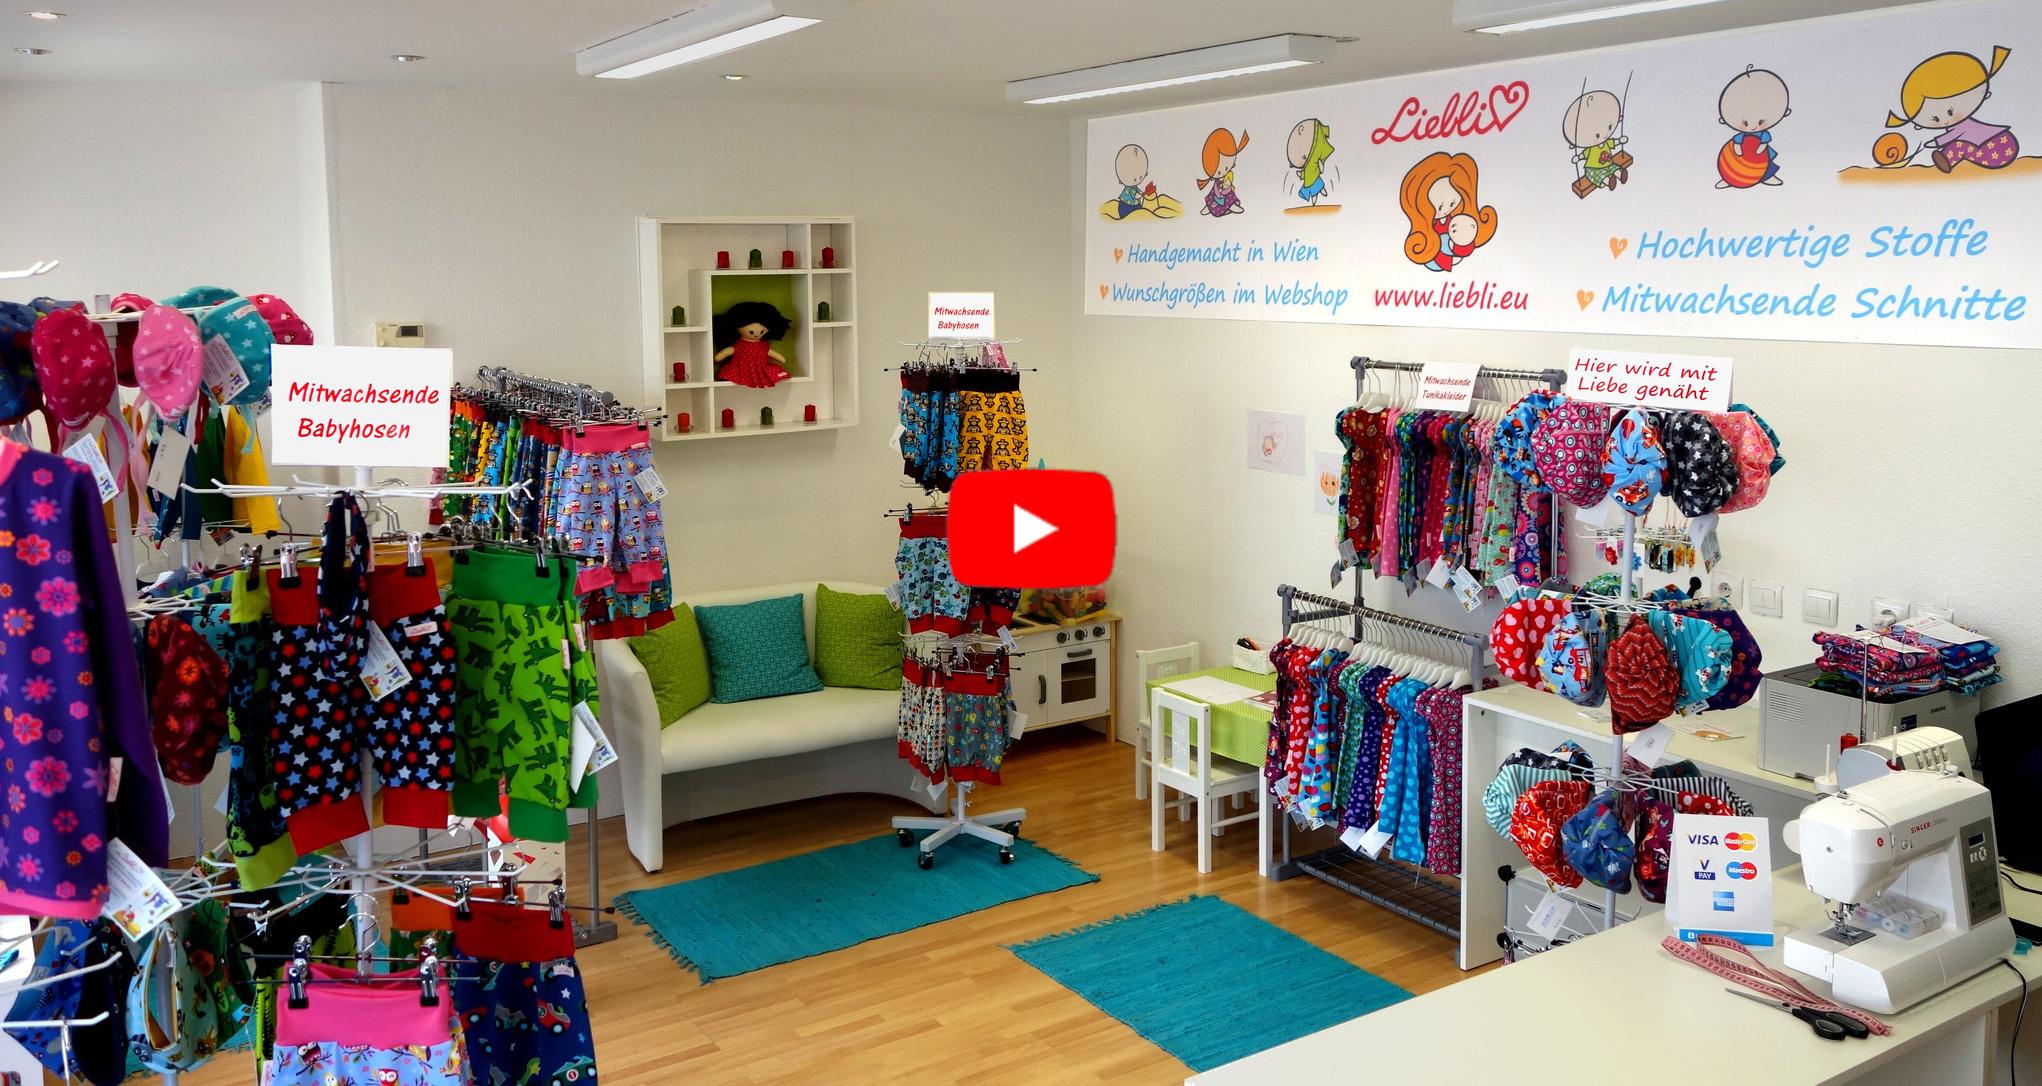 Video: Liebli Kindermode Geschäft